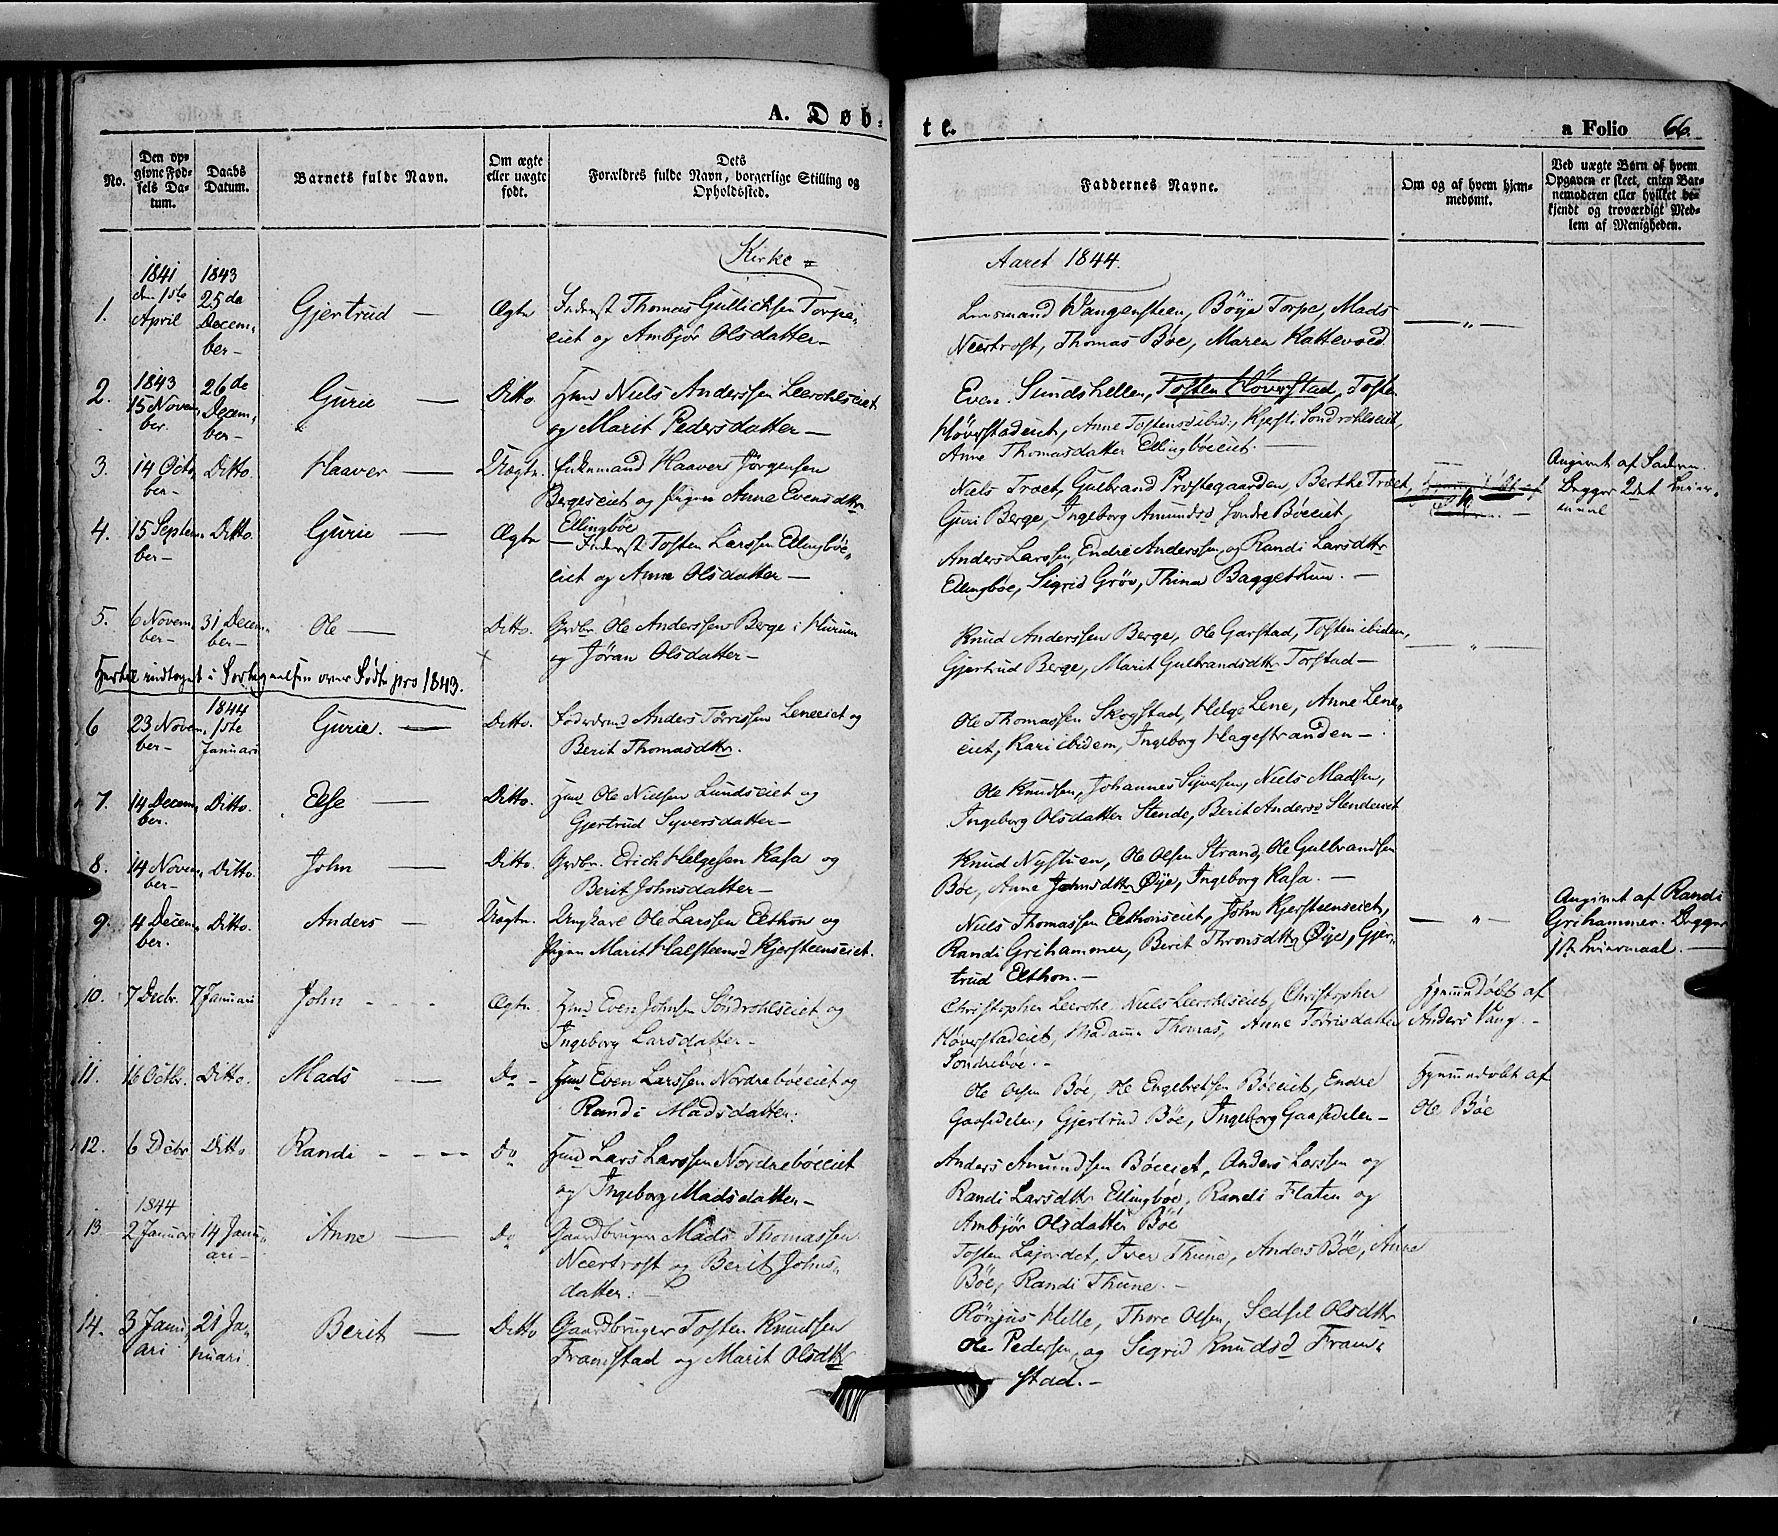 SAH, Vang prestekontor, Valdres, Ministerialbok nr. 5, 1831-1845, s. 66